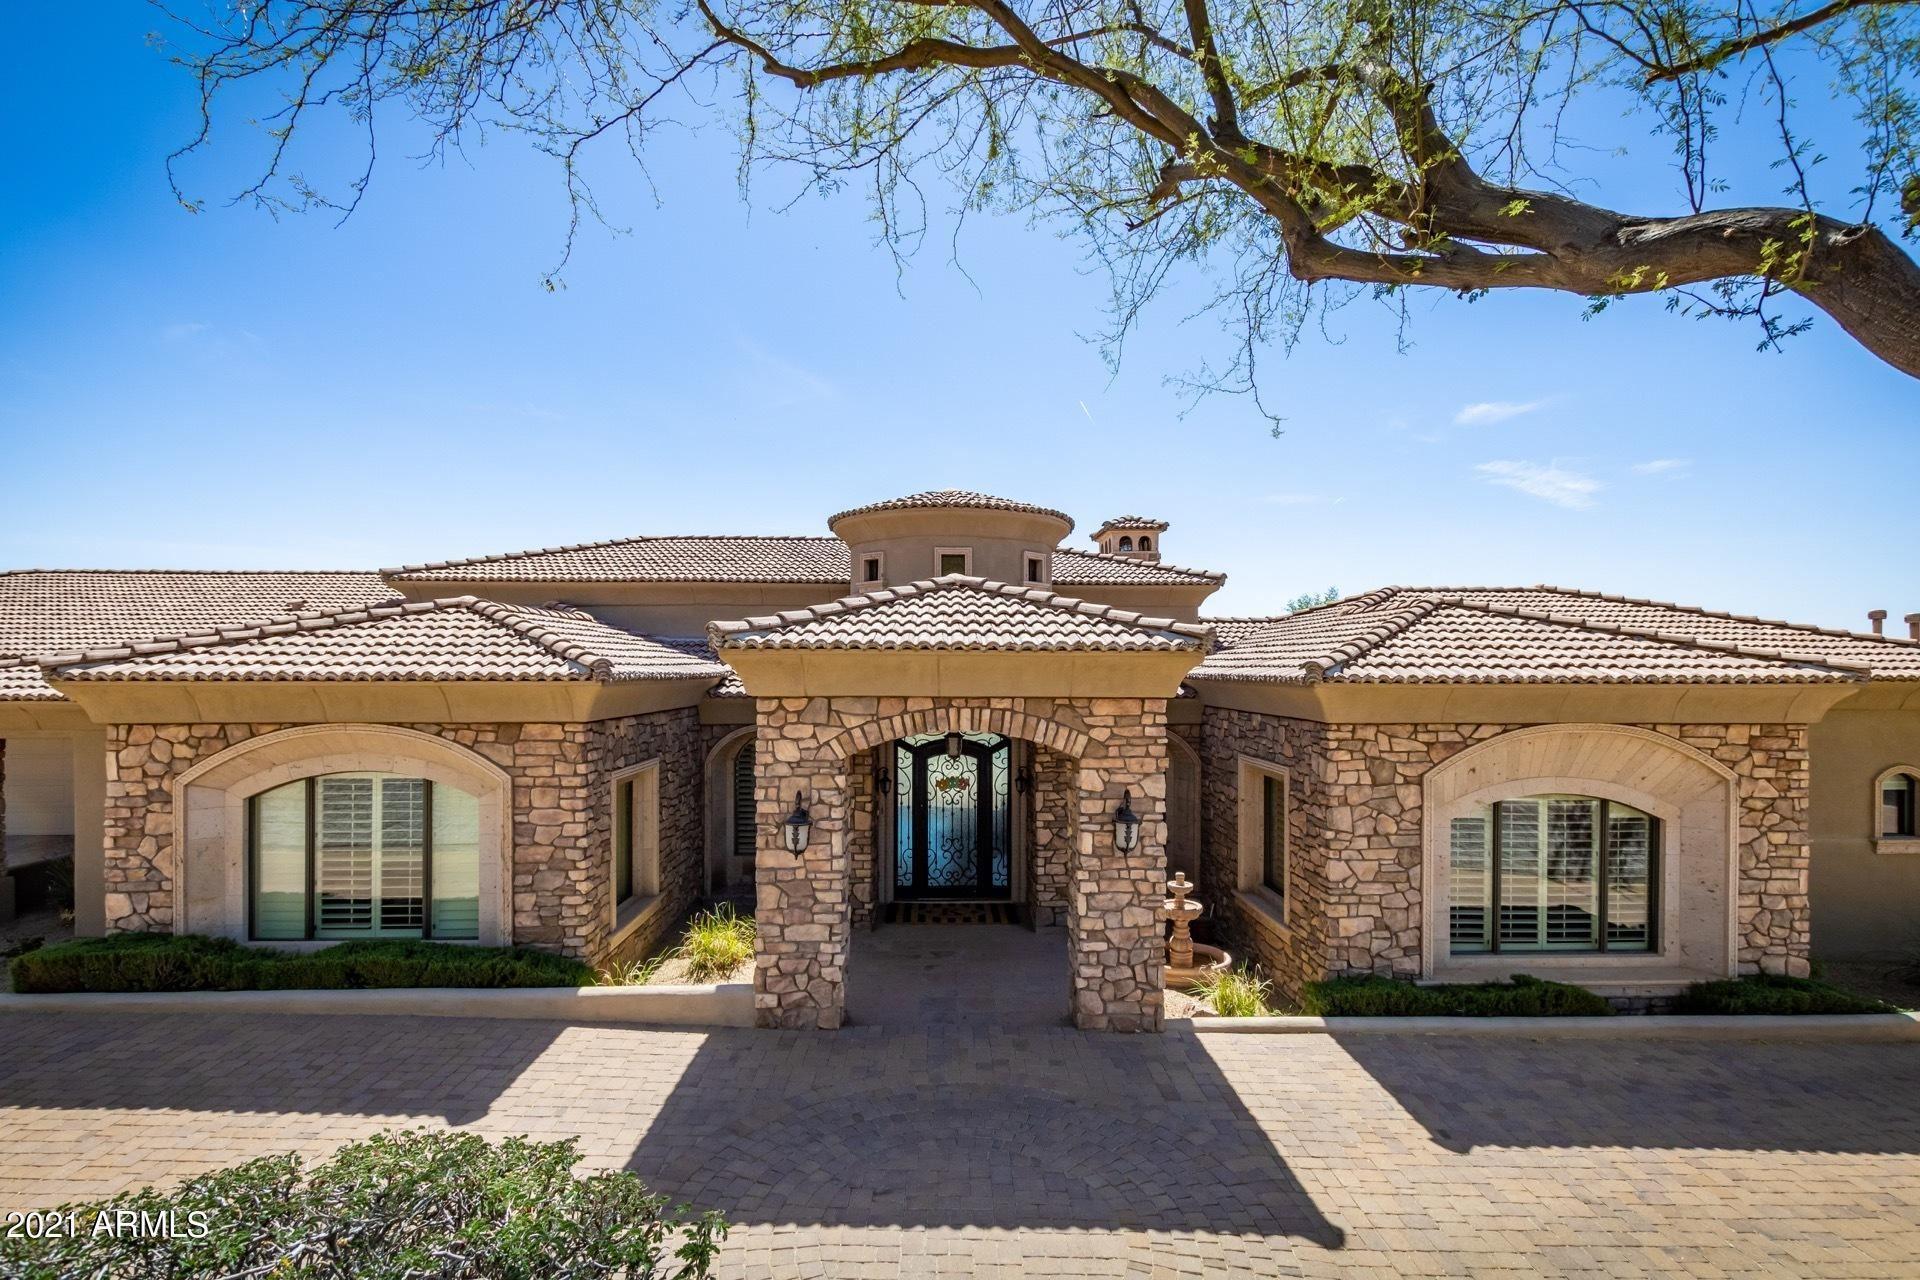 Photo of 8421 E VALLEY VISTA Circle, Mesa, AZ 85207 (MLS # 6203468)